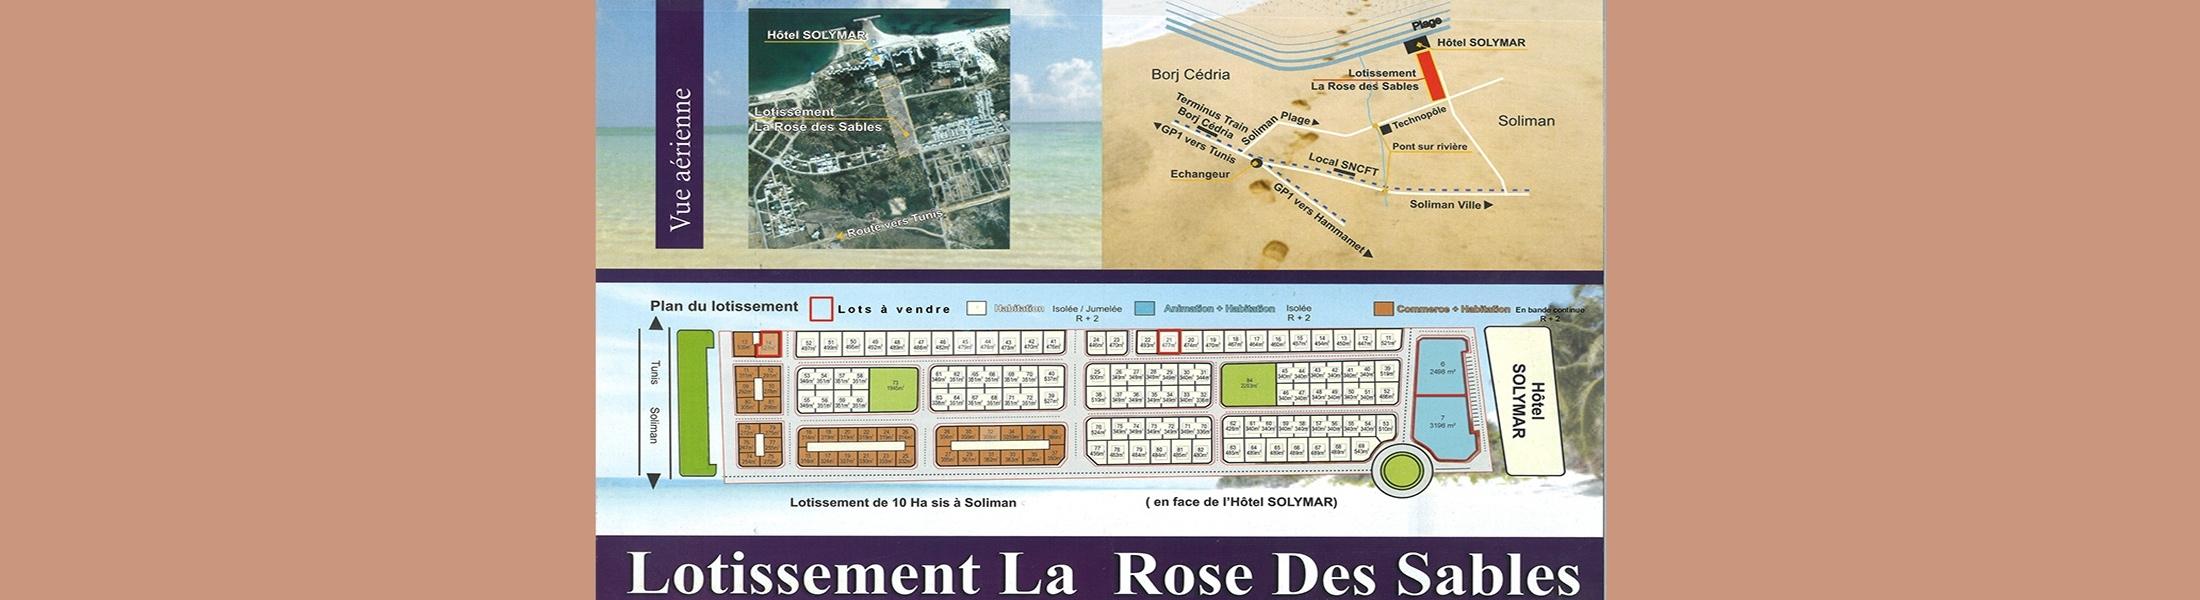 المقسم الفل 4 بسليمان الشاطئ - نابل (طلب العروض عدد 03 لسنة 2021)